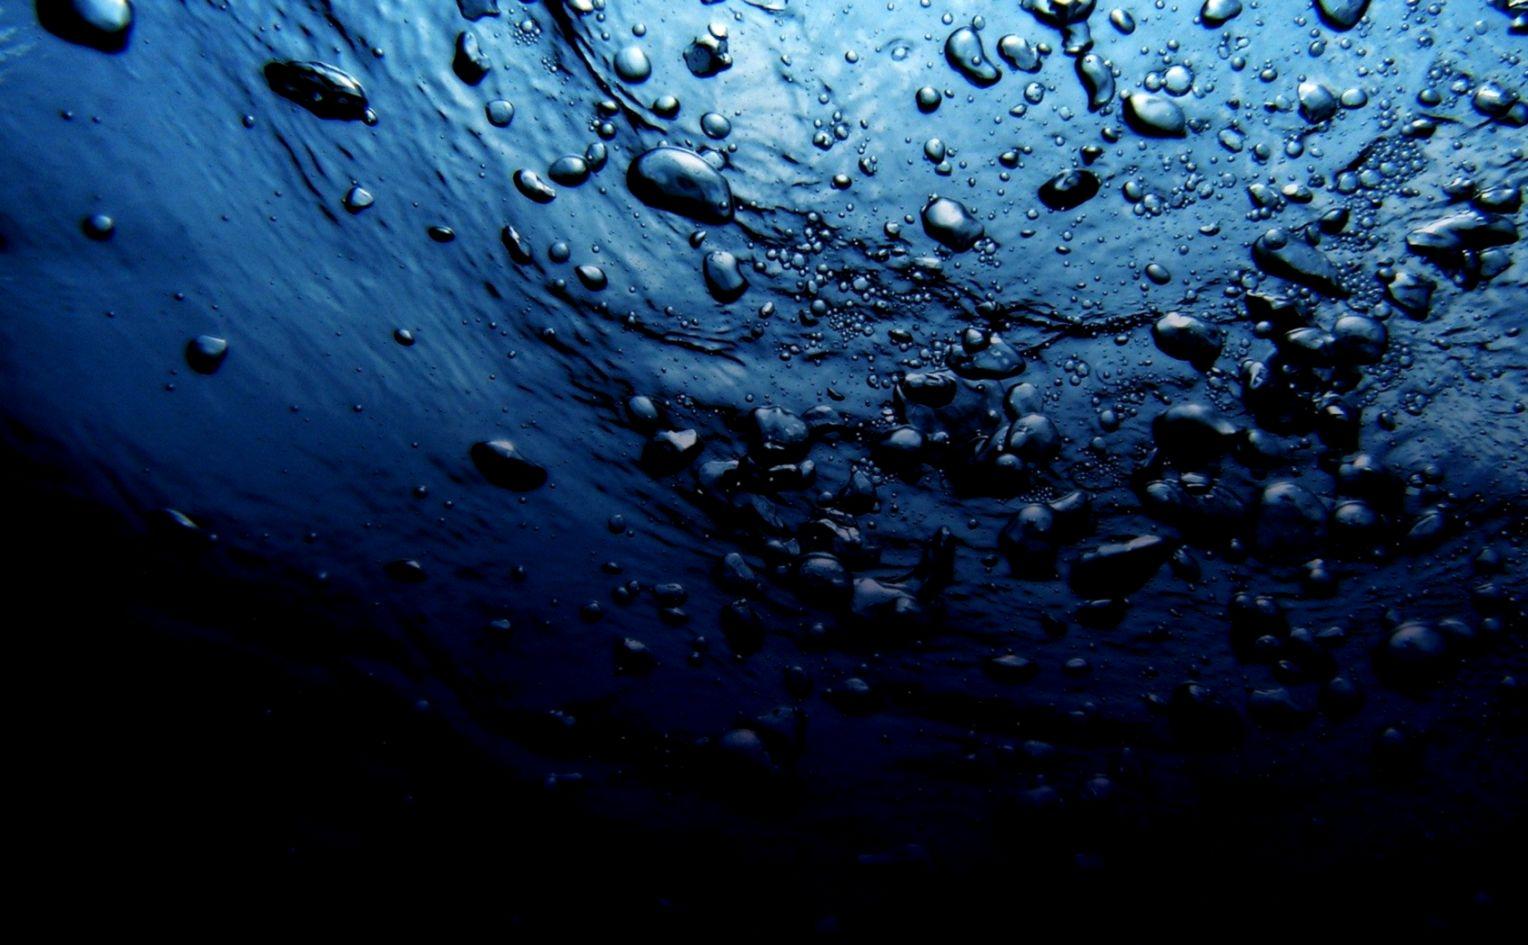 Underwater Hd Iphone 6 Wallpaper